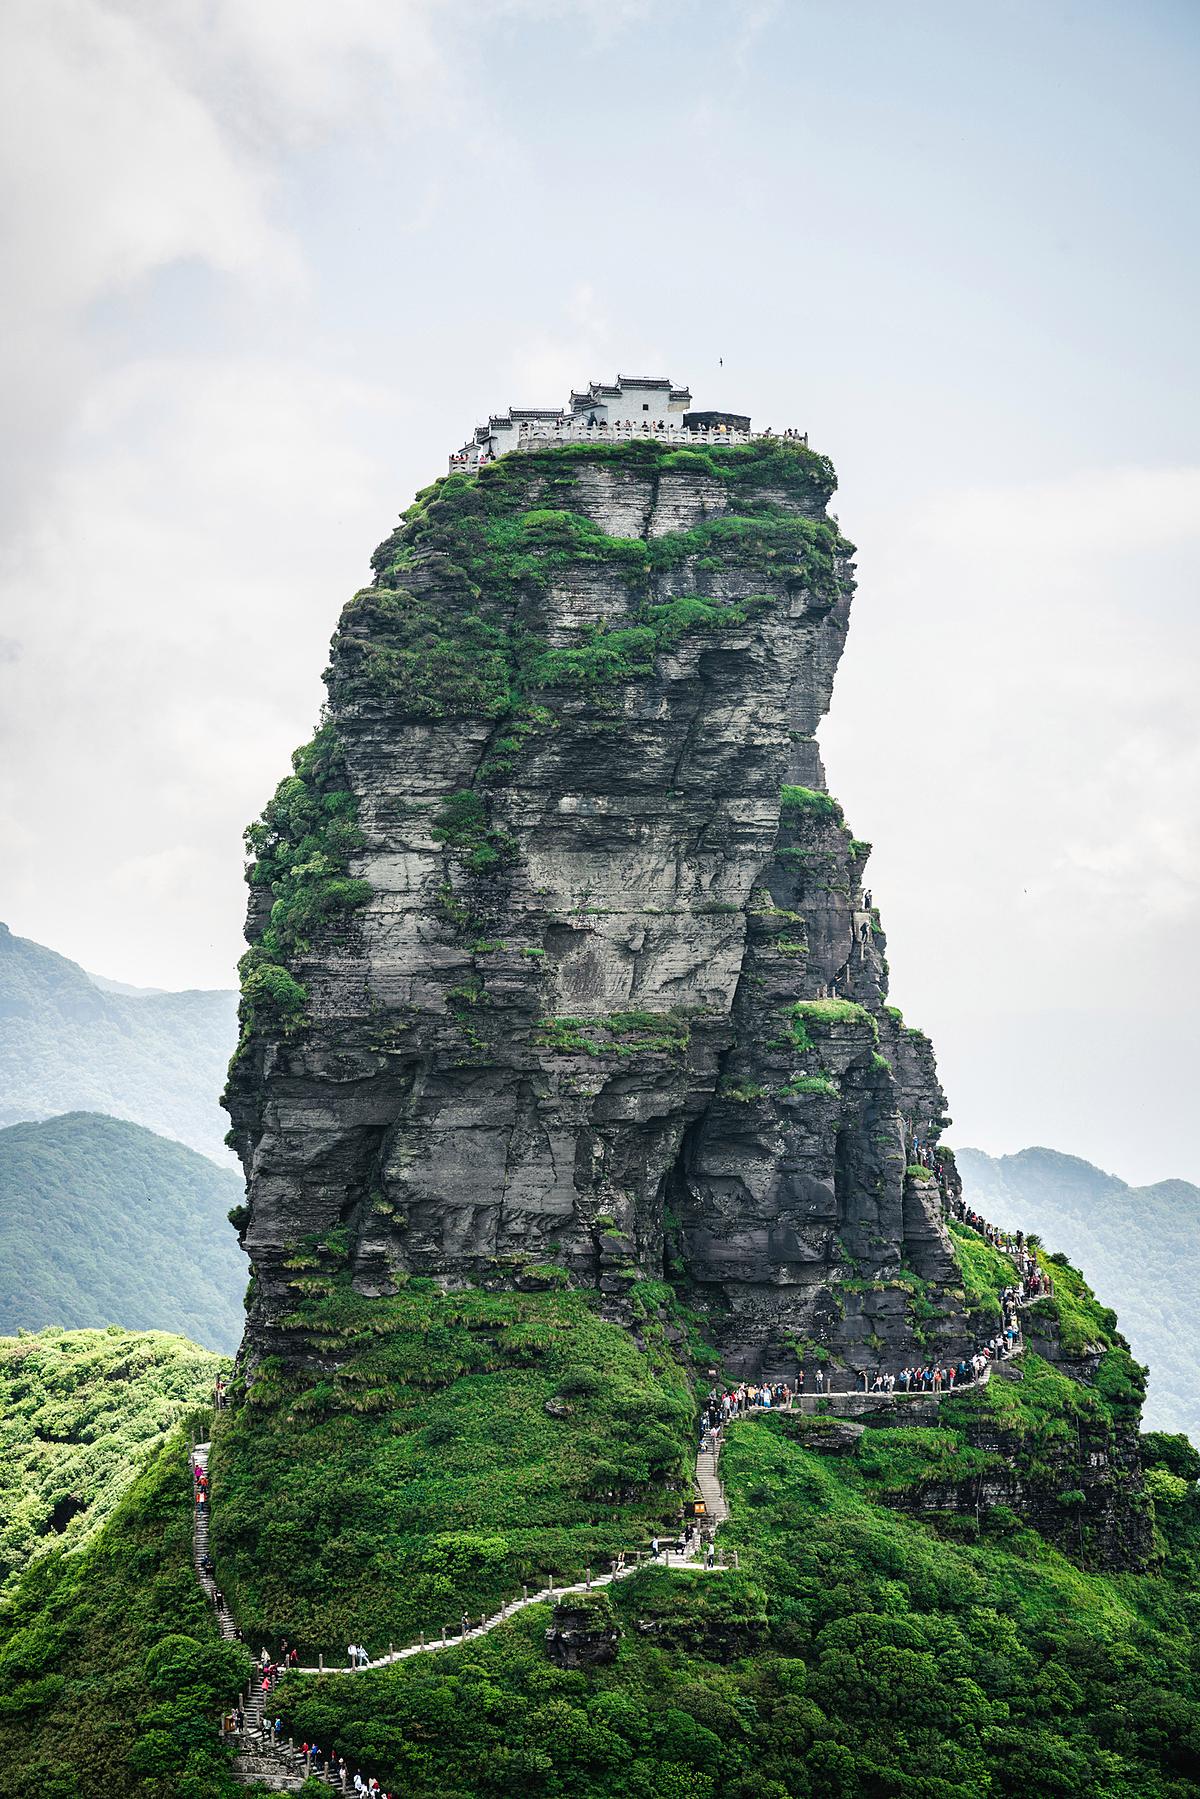 Để đến được chốn thiên đường này, trước tiên du khách phải leo hơn 8.000 bậc thang để đến ngôi đền ở phía nam, sau đó đi bộ qua cầu để tới thăm công trình còn lại ở phía bắc - như hành trình từ hiện tại tới tương lai. Ảnh: Keitma/Shutterstock